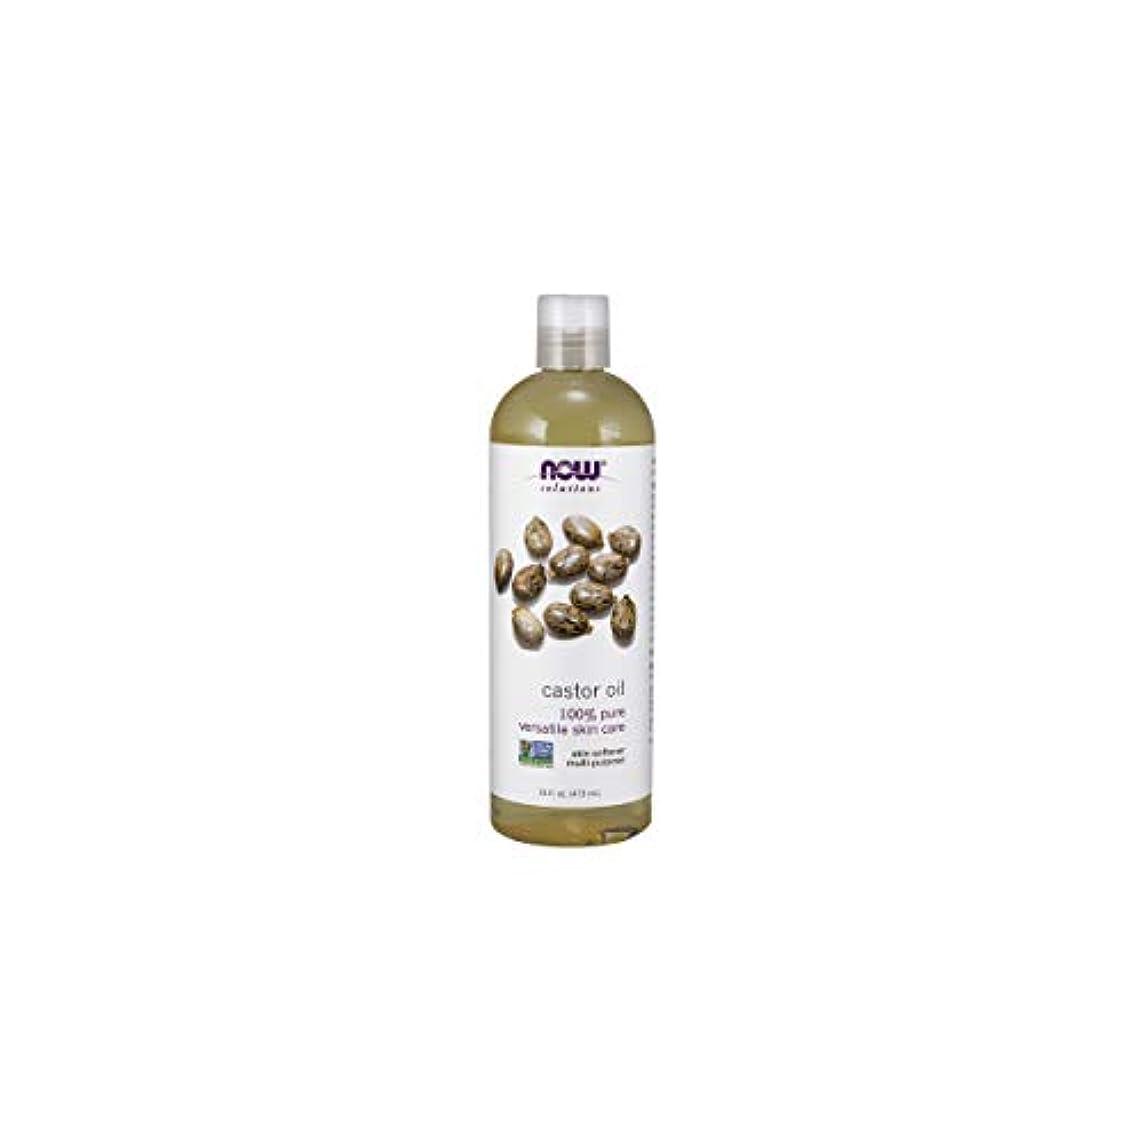 松明不適切な調整NOW Foods Castor Oil, Pure, 16 ounce (Pack of 2)